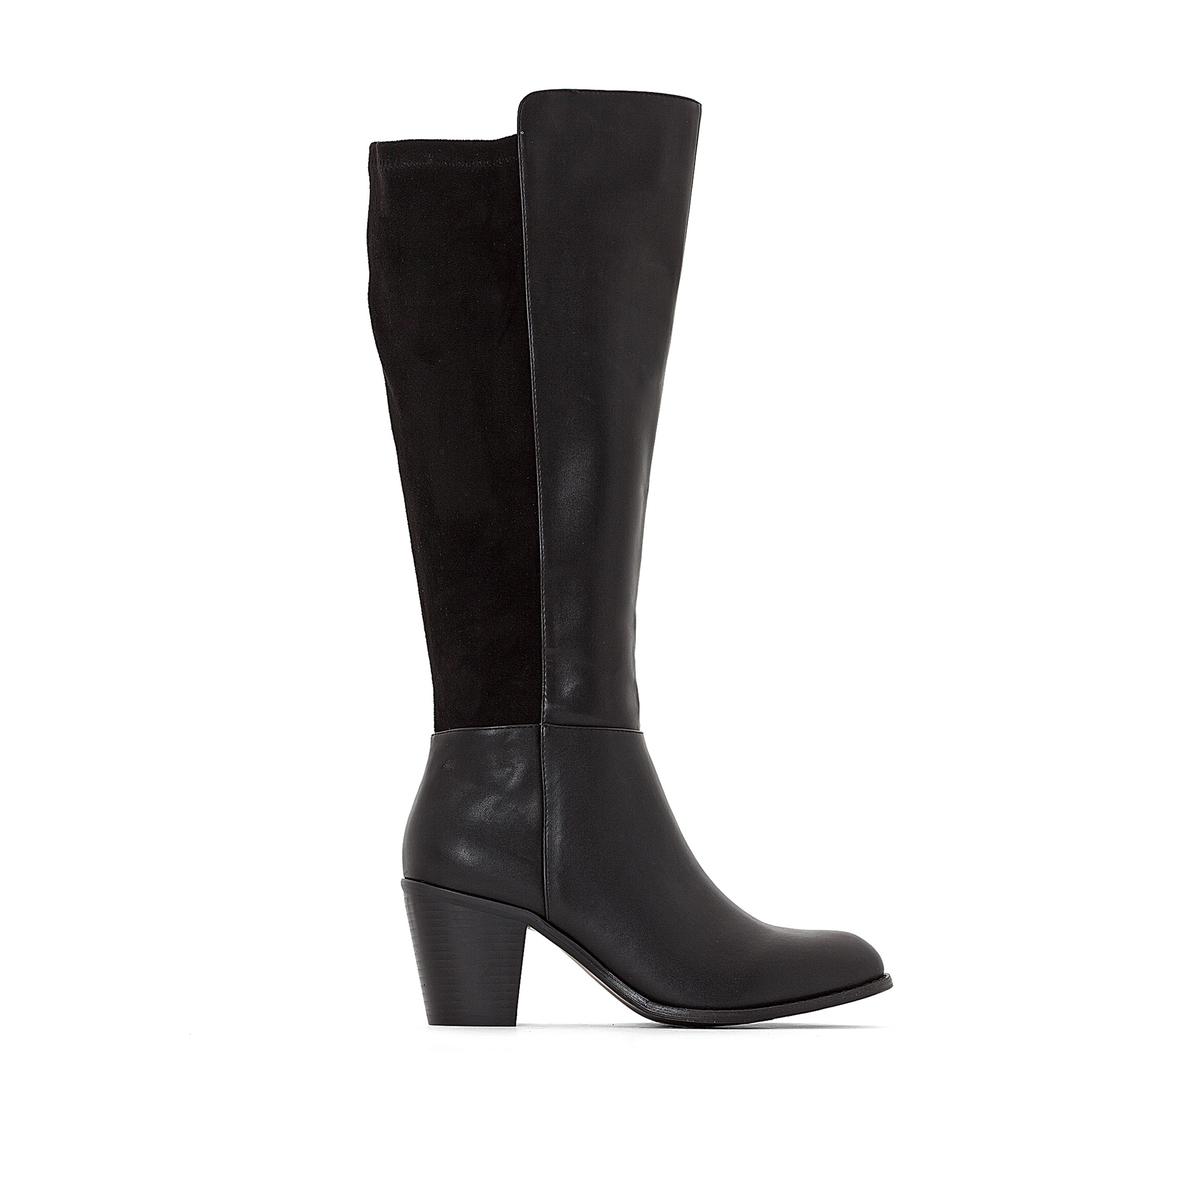 цена на Сапоги La Redoute Из двух материалов на каблуке для широкой стопы размеры - 44 черный